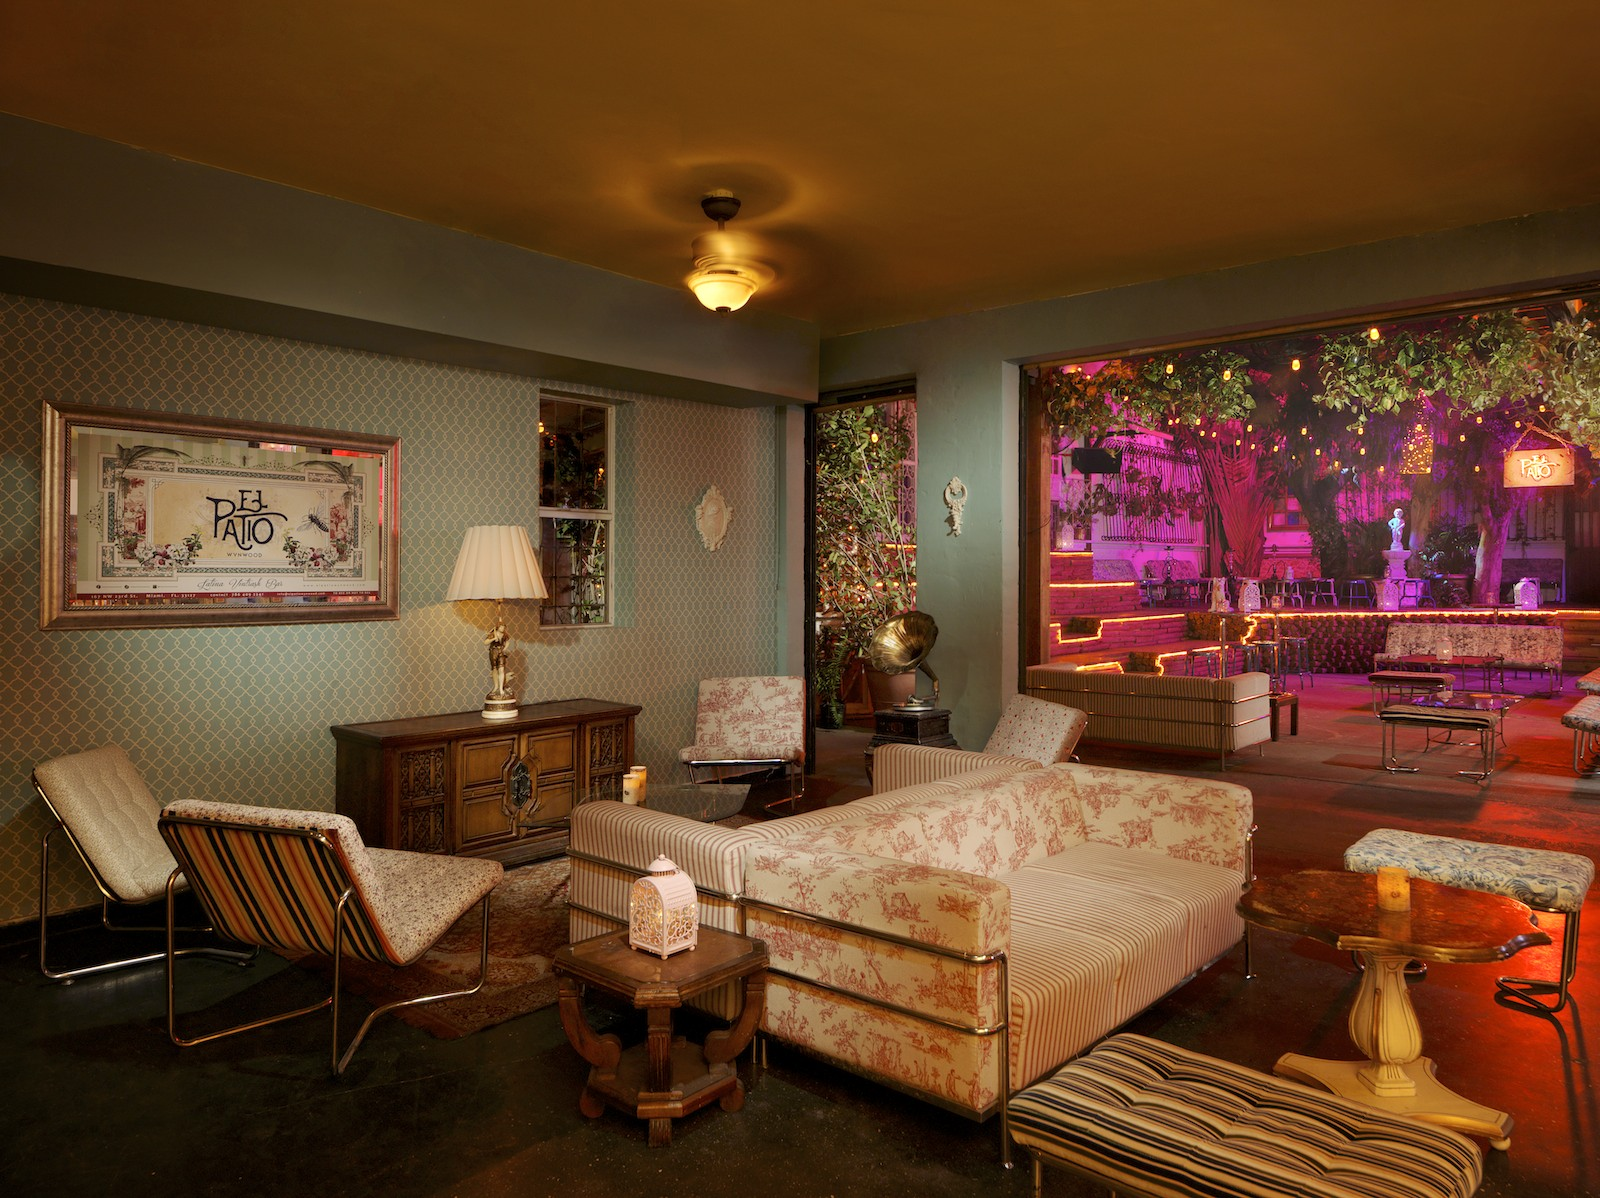 Living Room Bar Miami El Patio Restaurant Miami Antonio Cuellar Photography